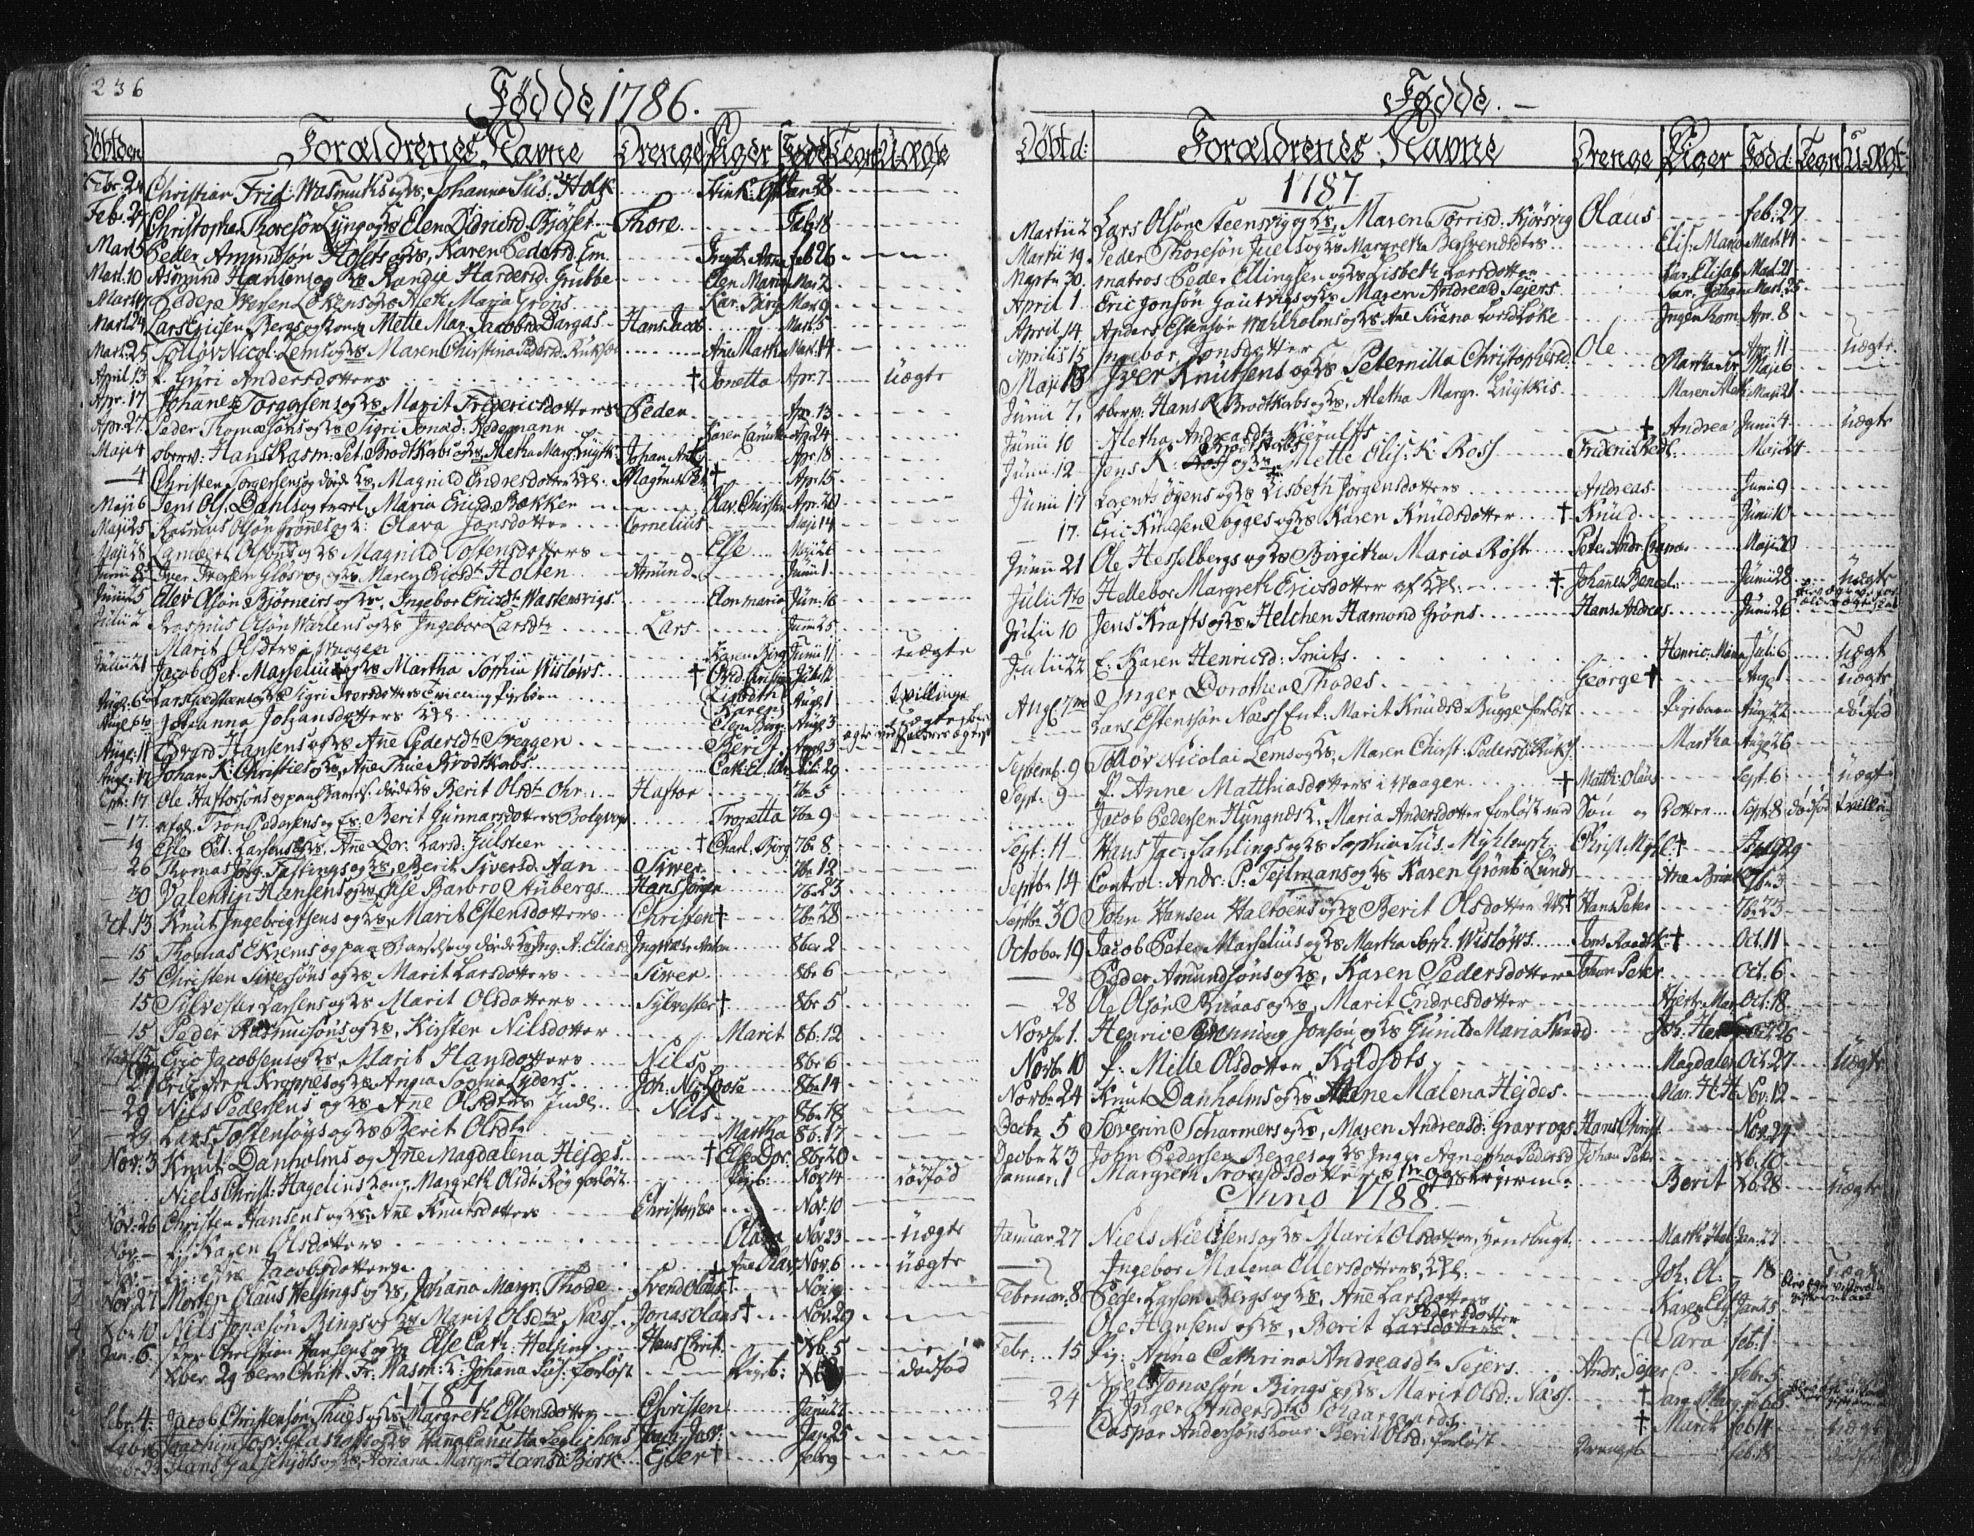 SAT, Ministerialprotokoller, klokkerbøker og fødselsregistre - Møre og Romsdal, 572/L0841: Ministerialbok nr. 572A04, 1784-1819, s. 236